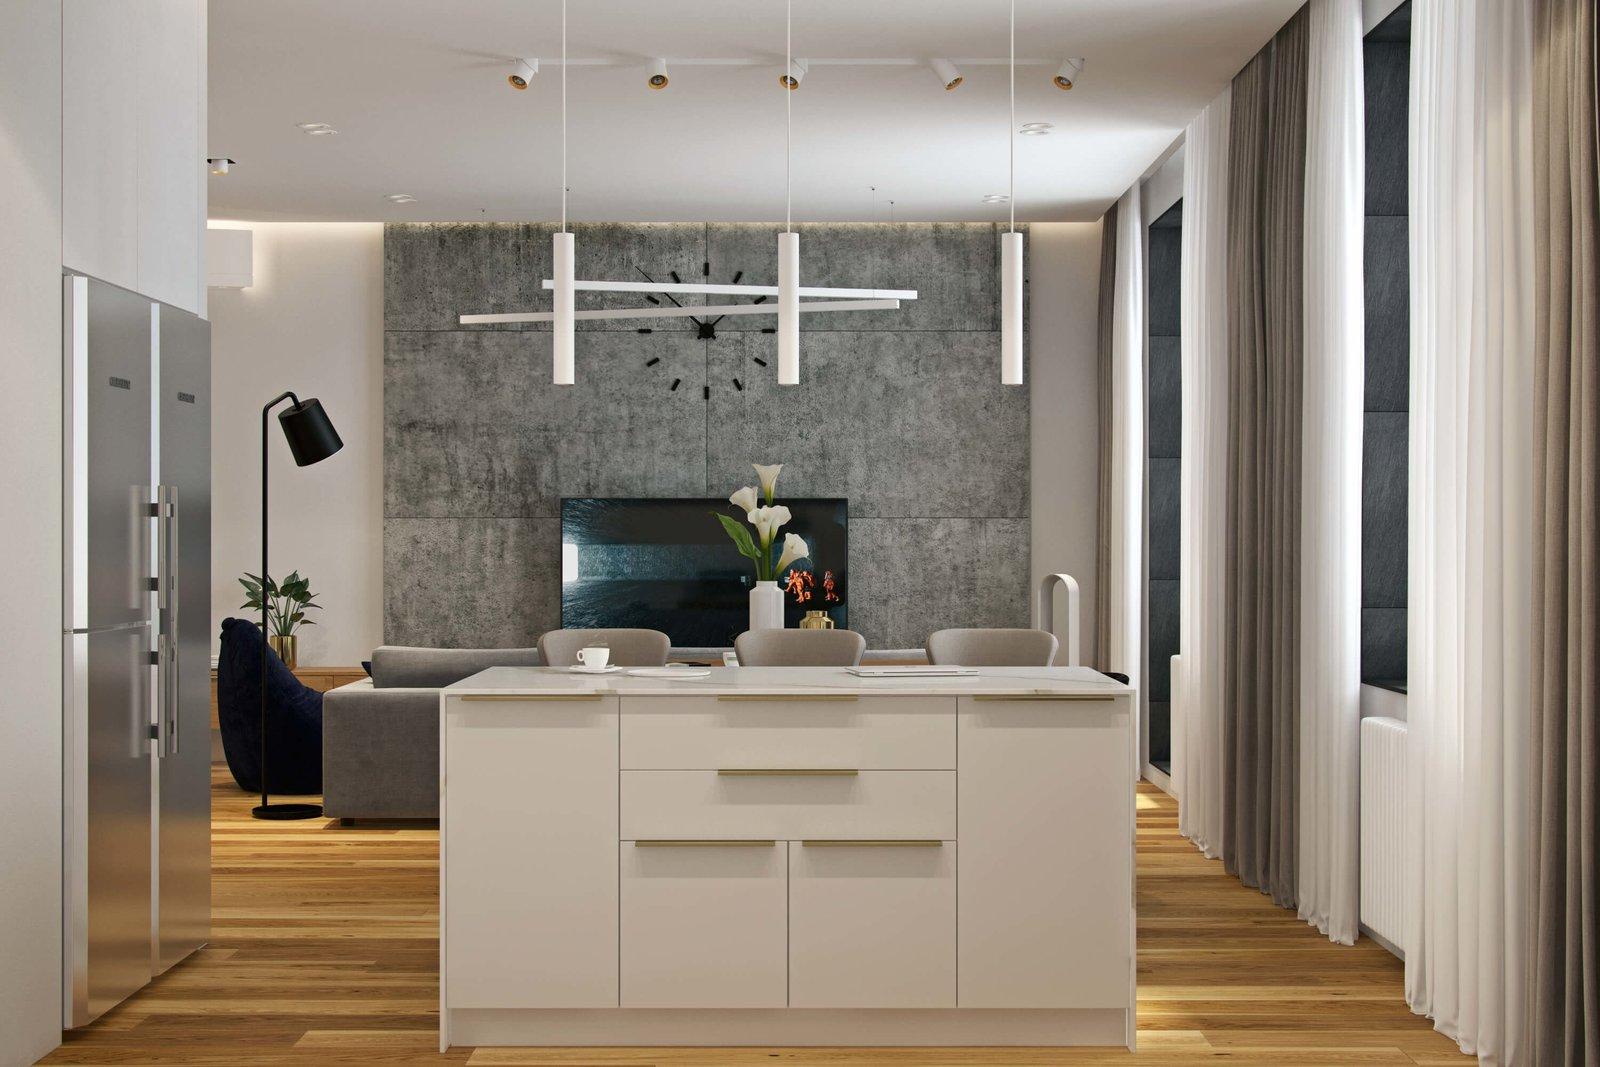 110㎡现代风公寓电视背景墙装修效果图